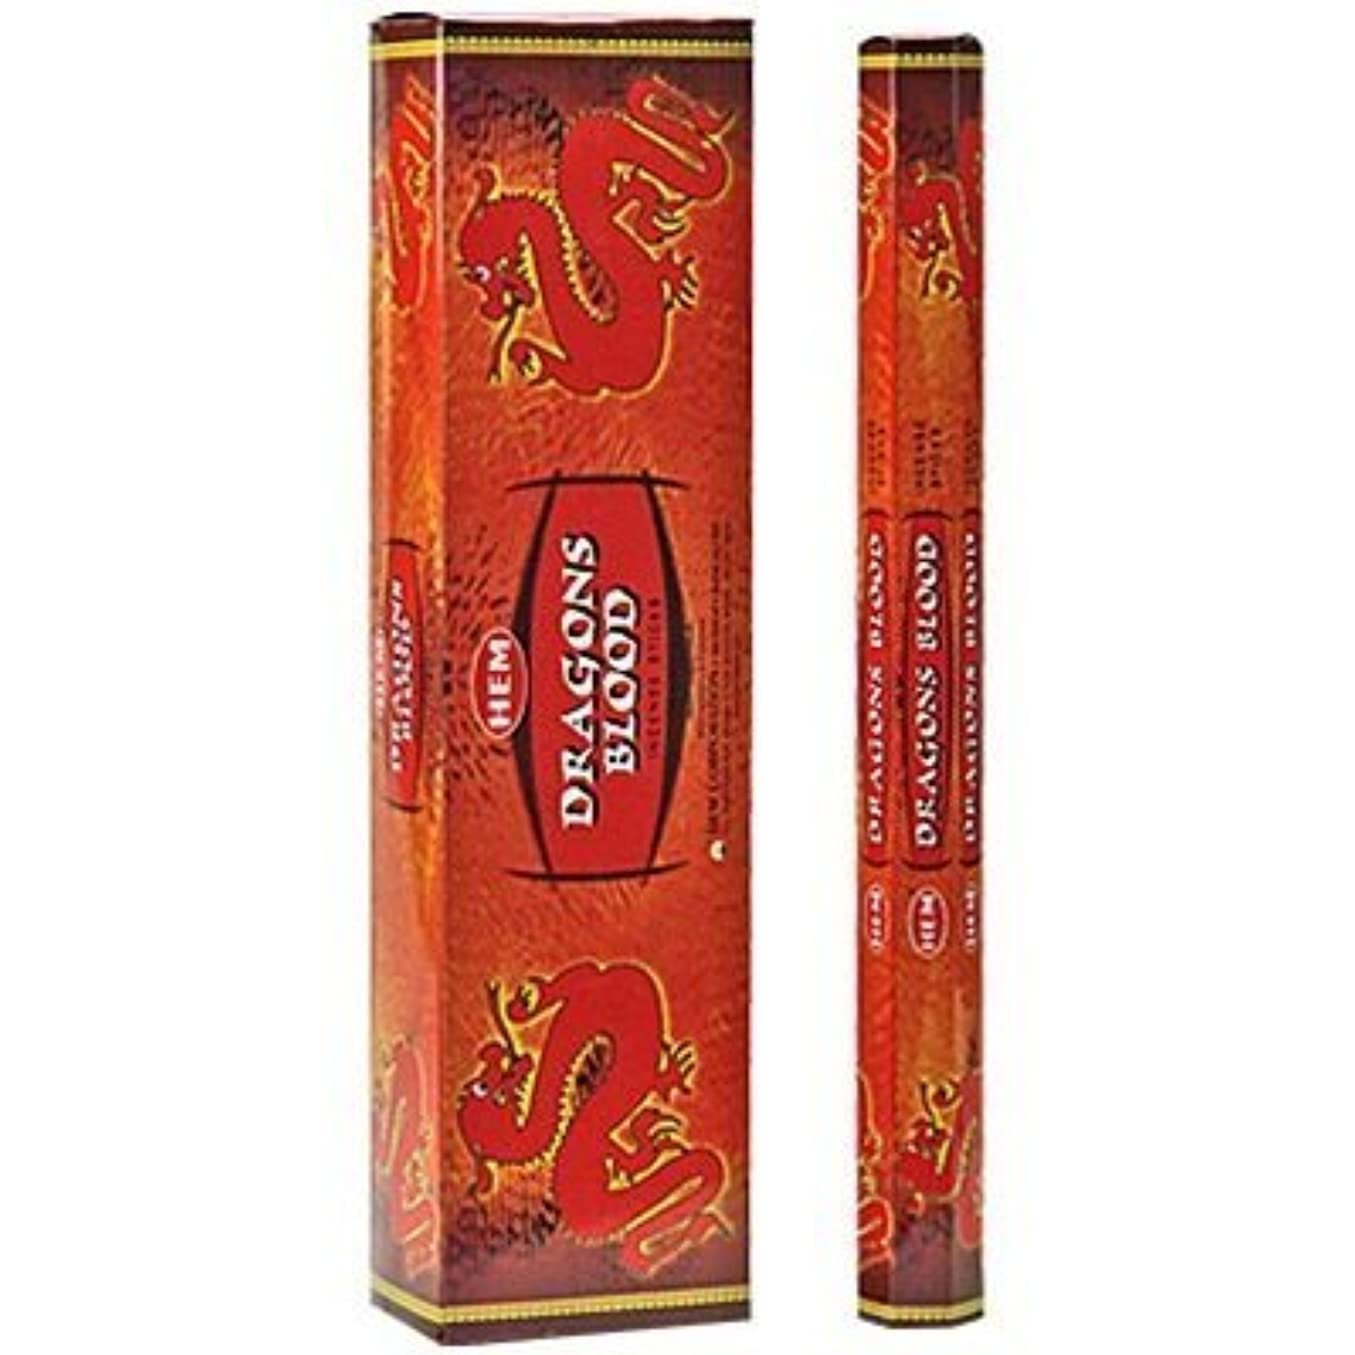 皮肉クレジット現代Dragon Blood 16 Inches Tall – 60ジャンボSticksボックス – 裾Incense